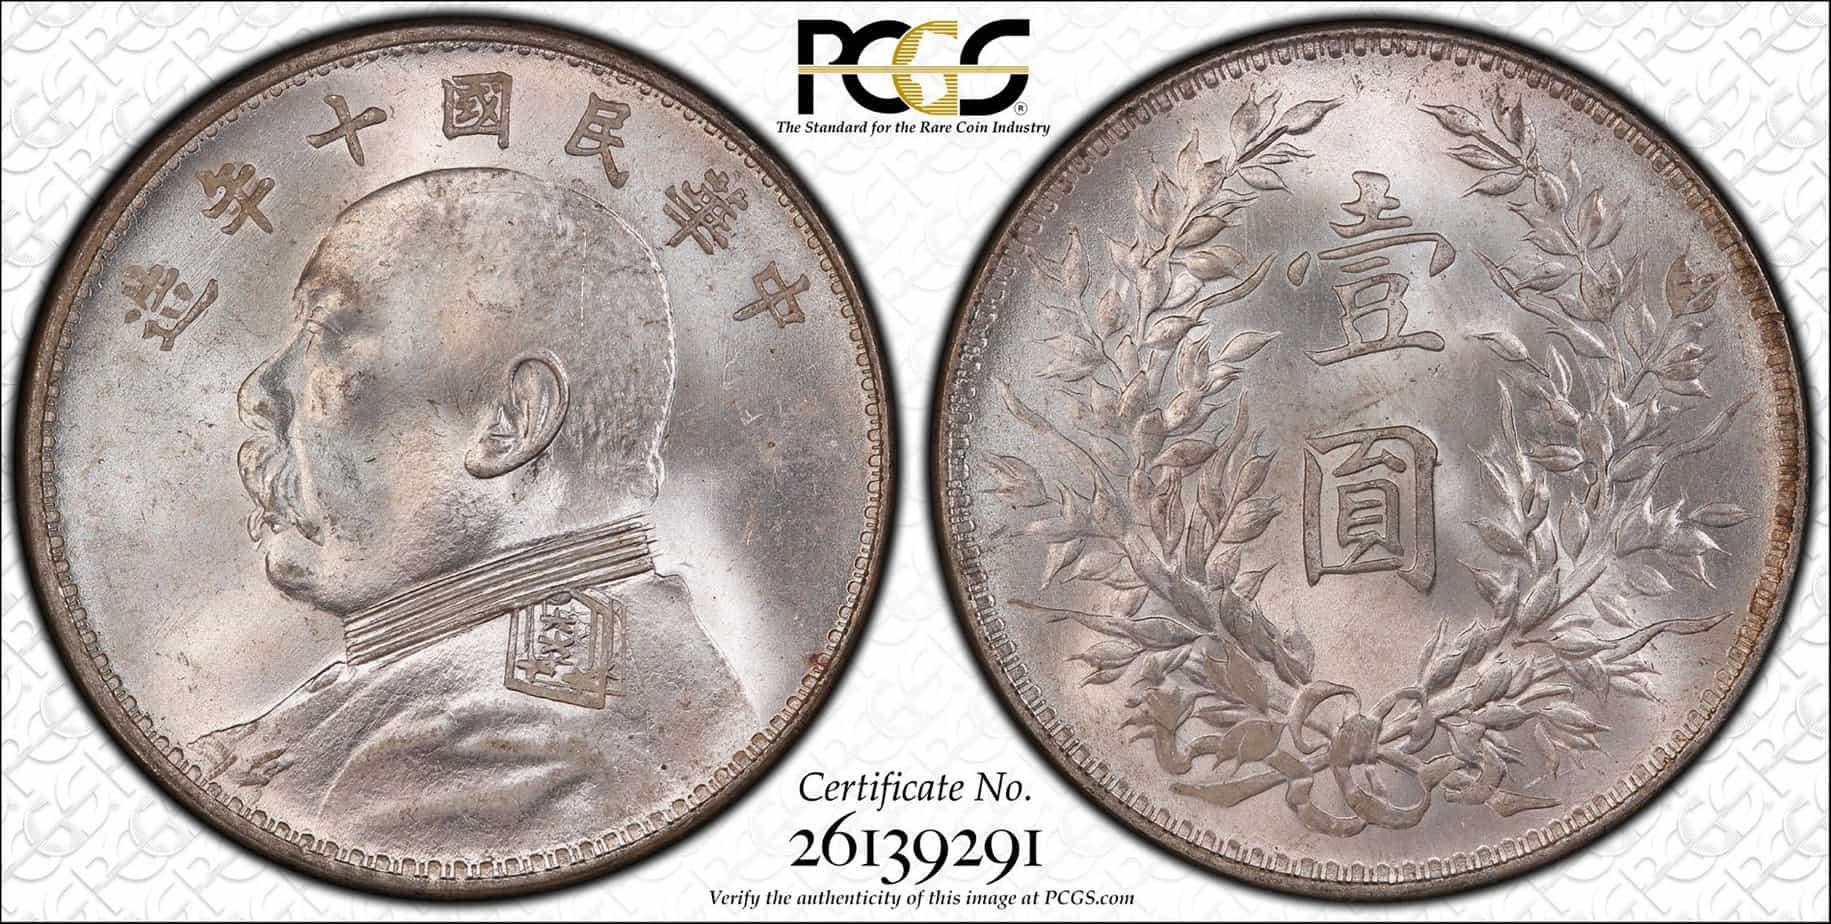 1 dólar LM-79 doble hombrera. República de China. Ejemplar 3